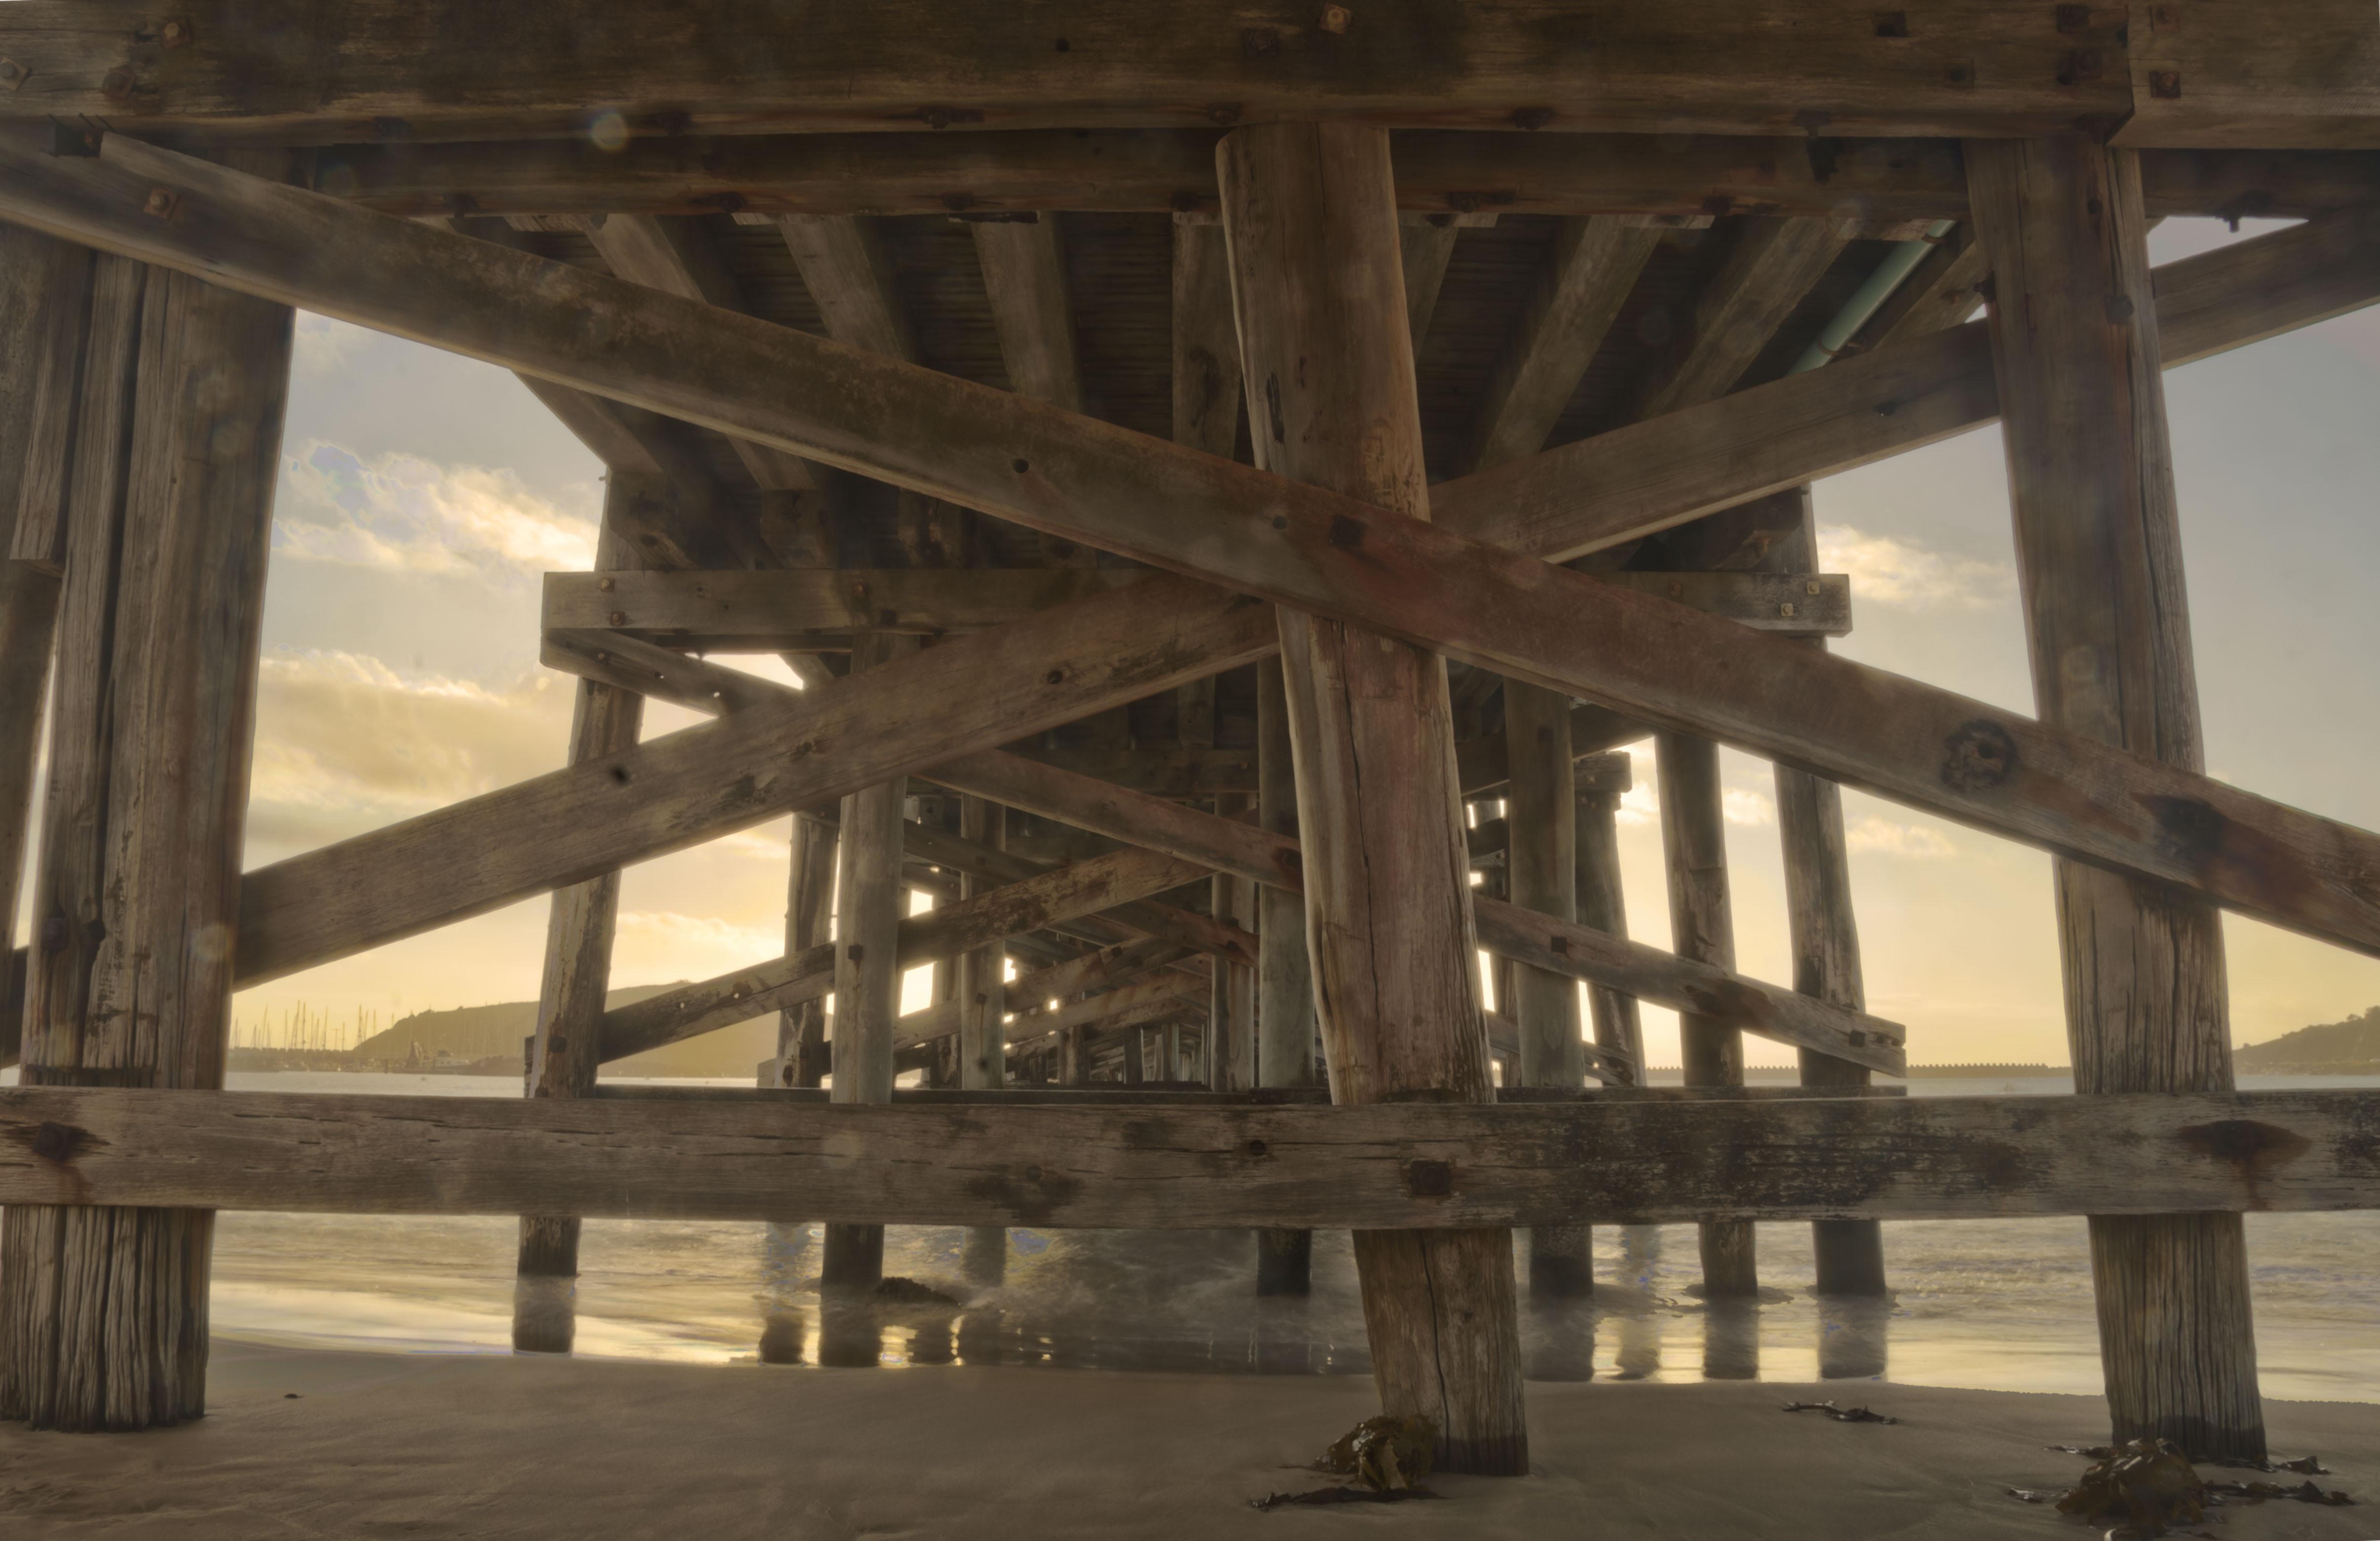 brown wooden dock trusses